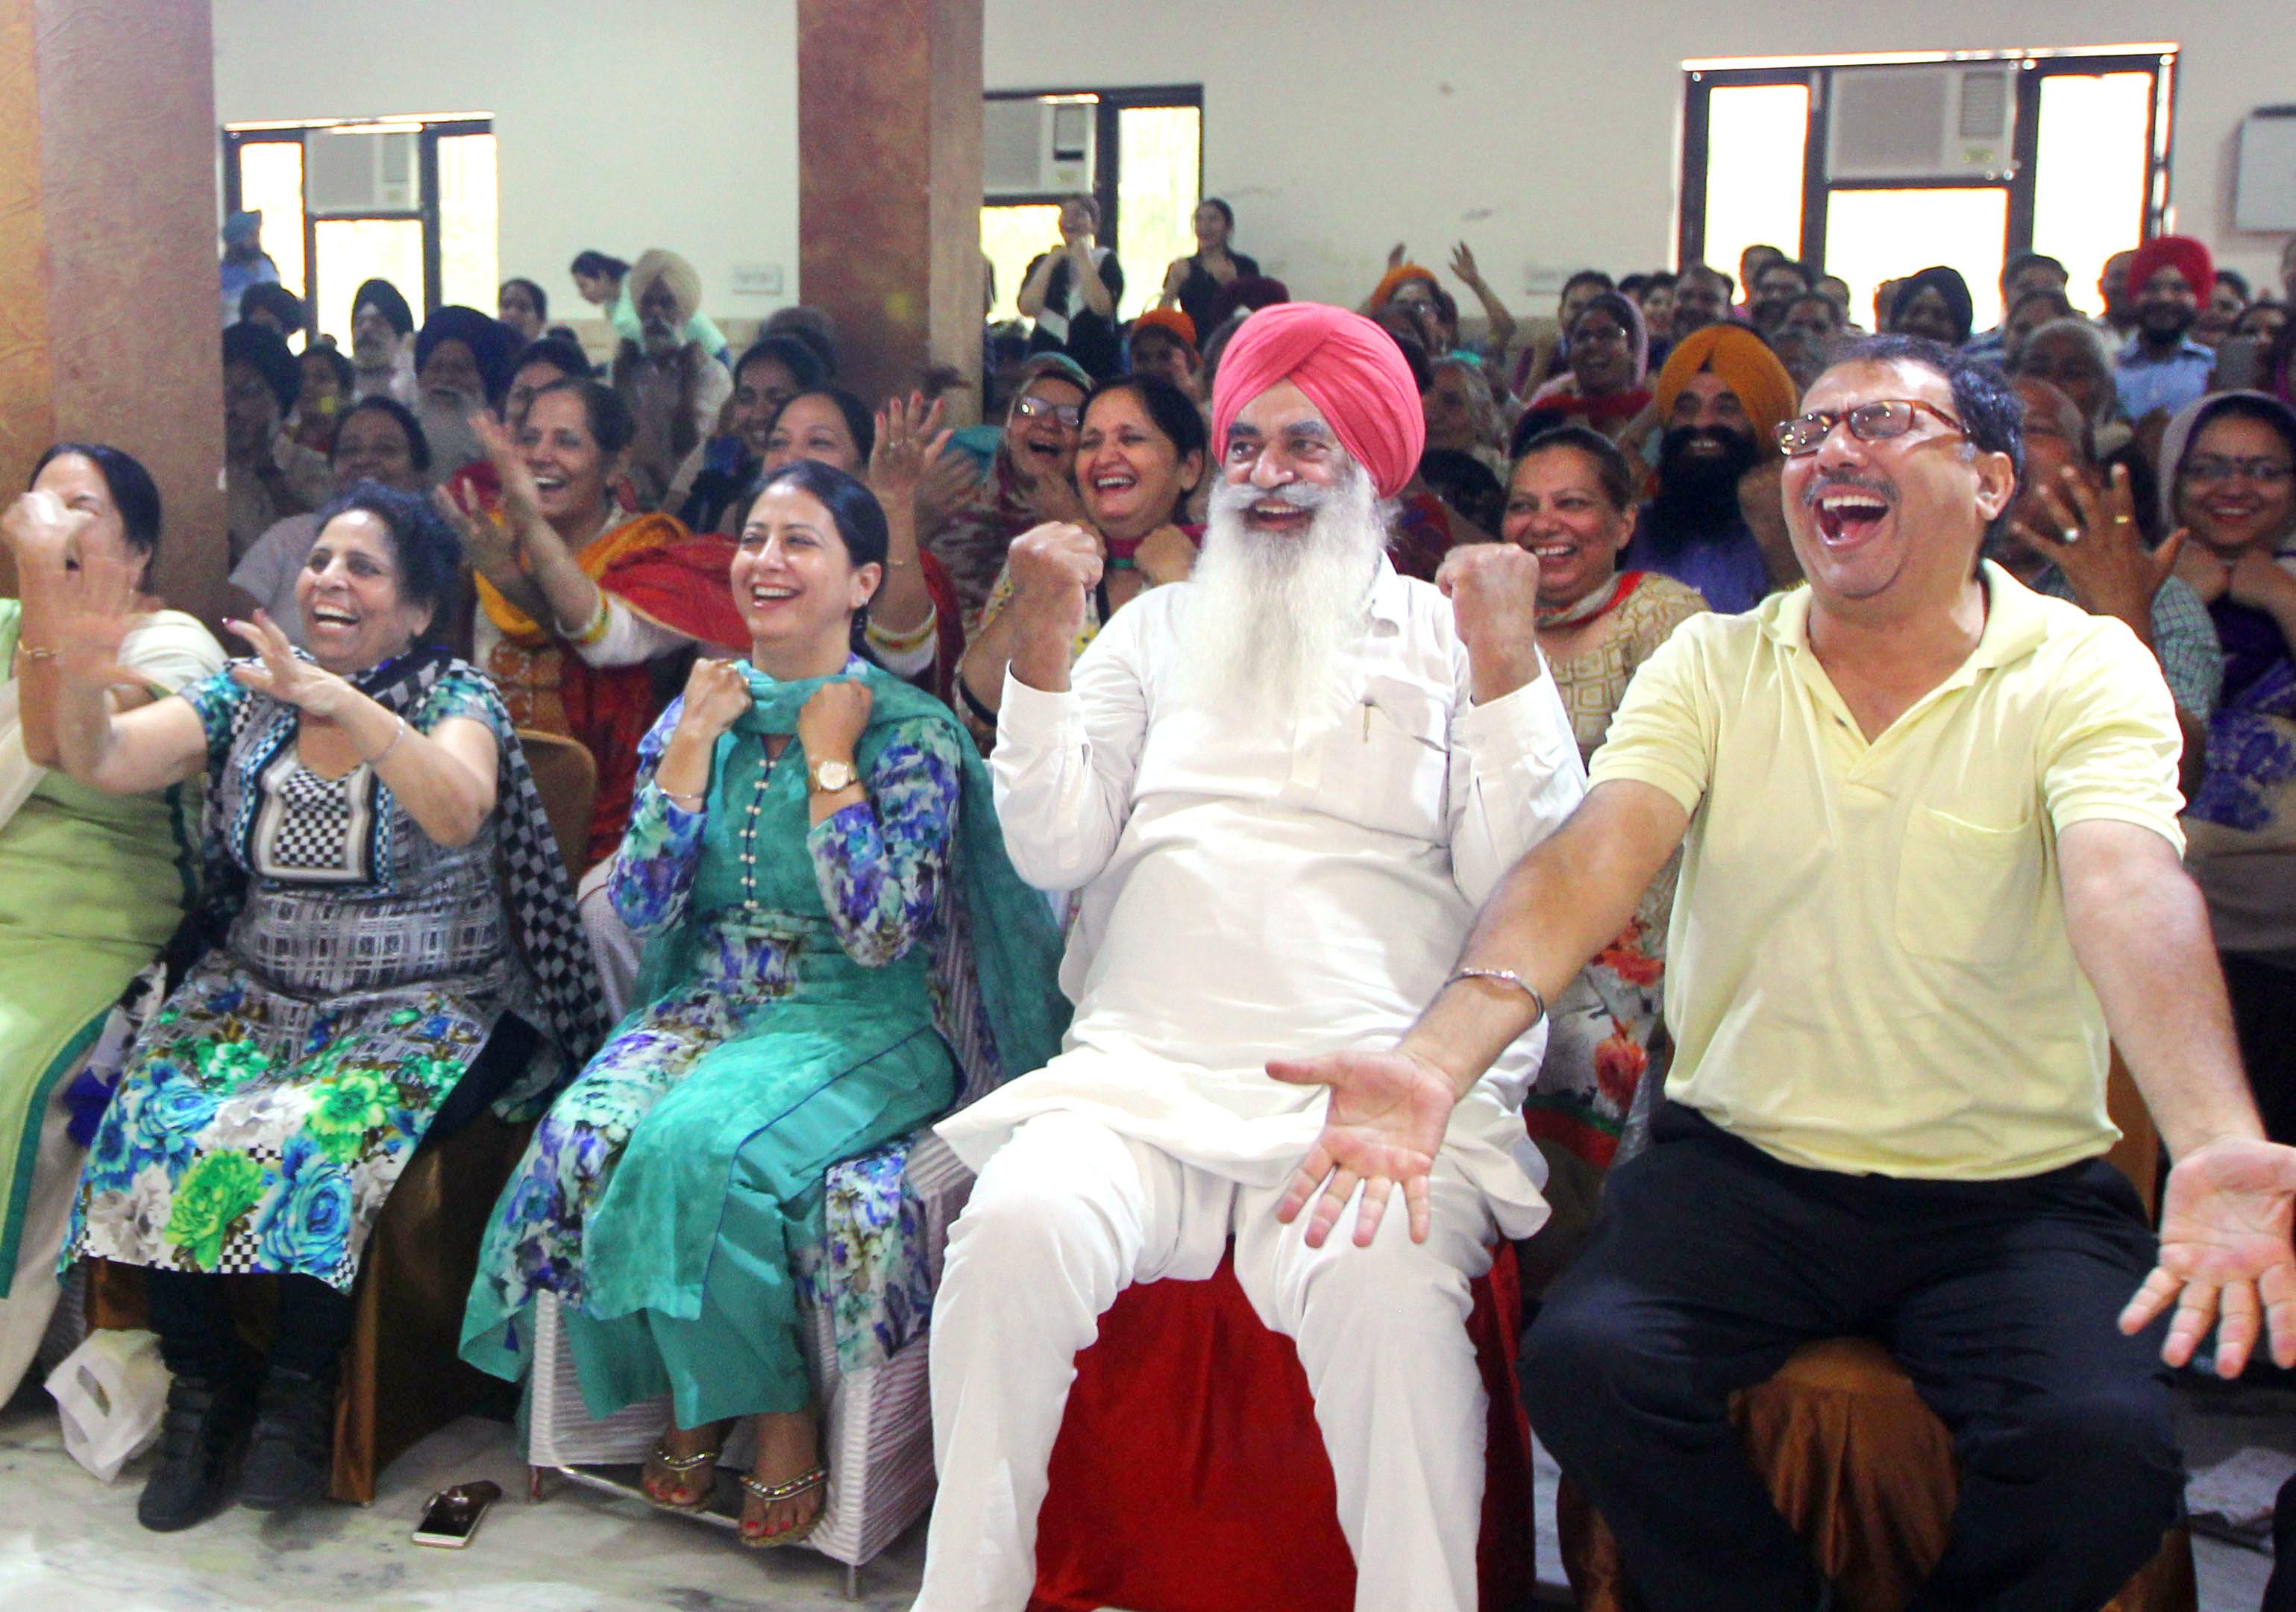 インド北部パンジャブ州ルディアナの寺院で行われた「笑いヨガ」。気難しい大人が少なくないインドだが、シーク教徒の男性らが相好を崩した(撮影プリヤム・ダール、共同)